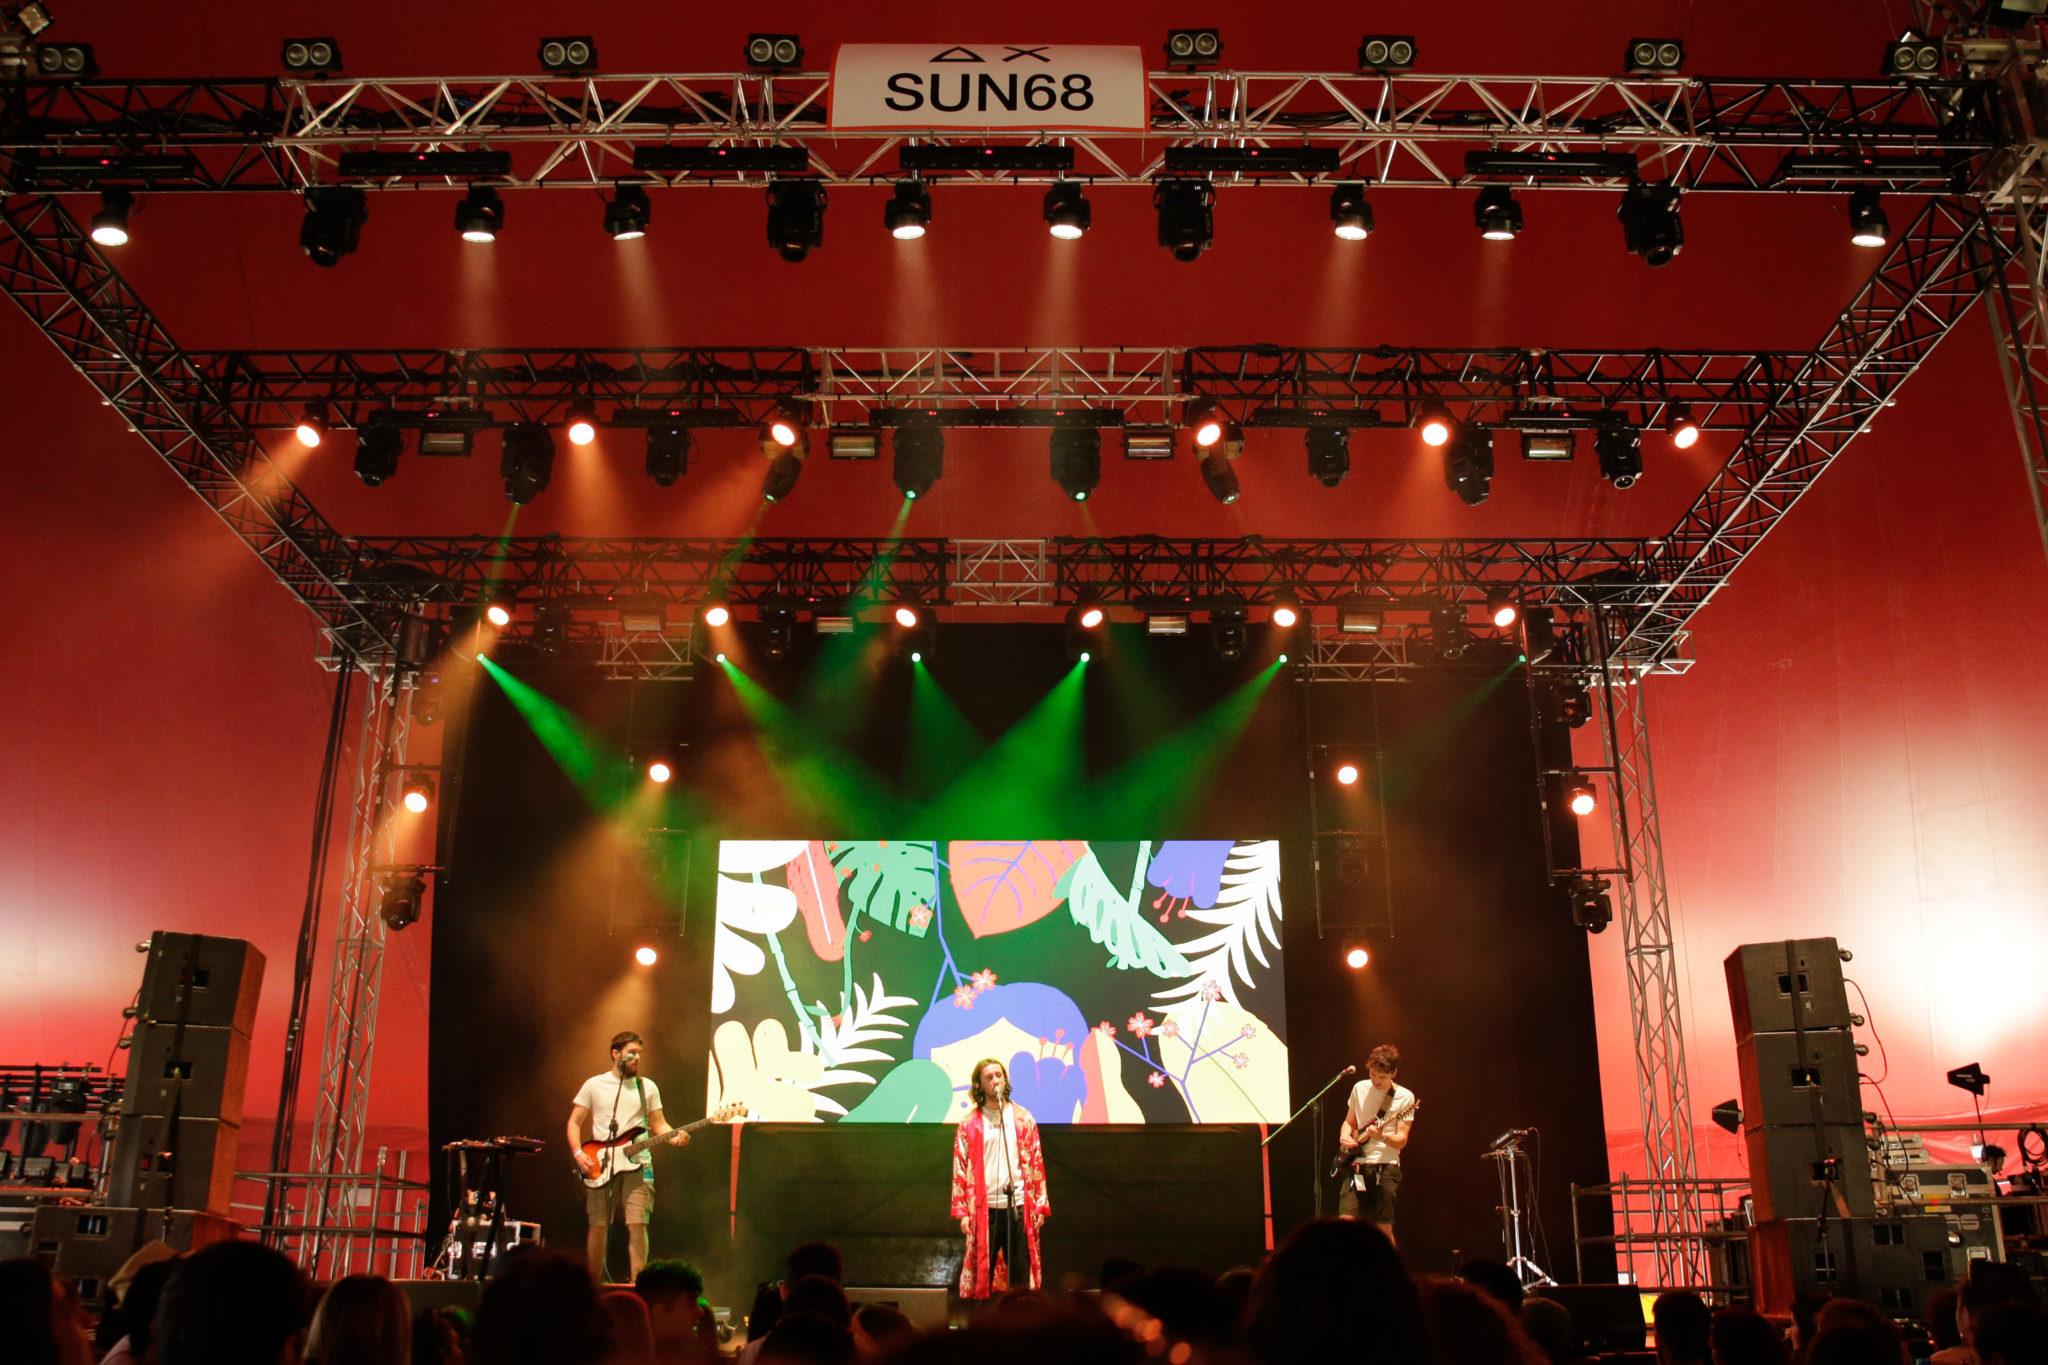 Dal 7 al 9 giugno, si è tenuta a Treviso la prima edizione di un nuovo festival musicale, il Core Festival. Il nostro reportage fra palco e pubblico